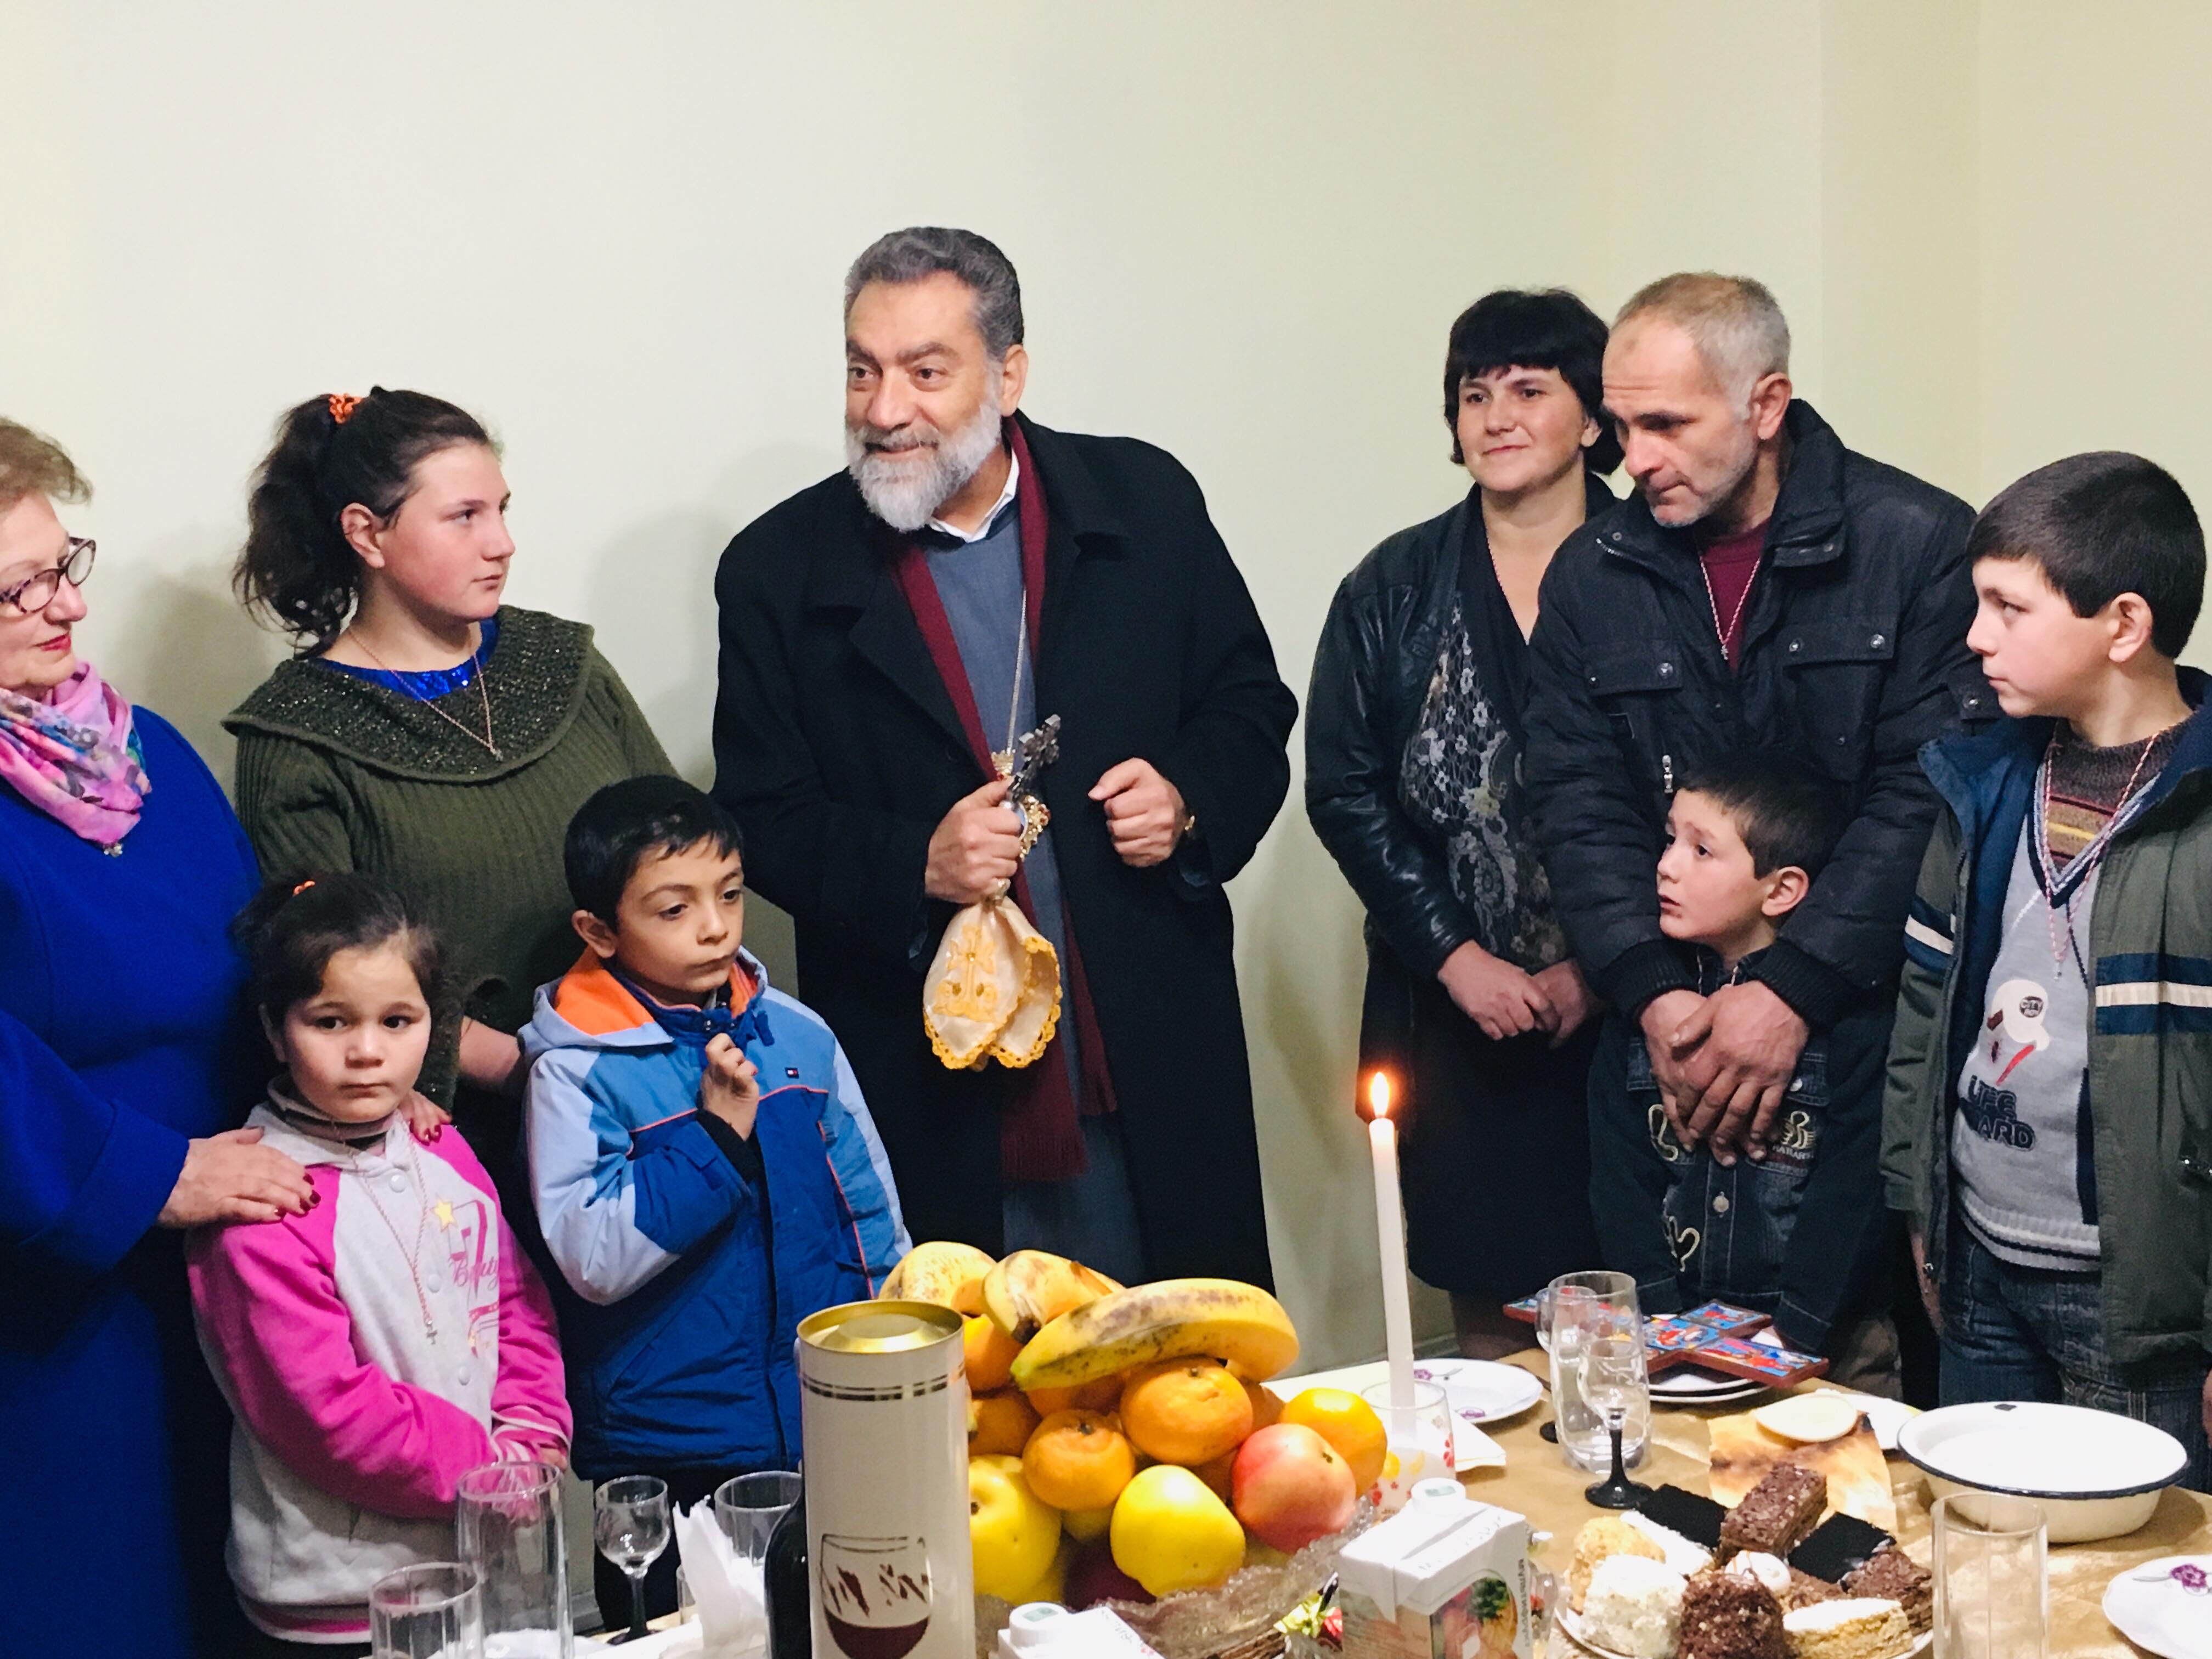 Գուգարաց թեմի «Ձեռք մեկնիր եղբօրդ» բարեգործական ծրագրով յանձնուեցաւ 24-րդ բնակարանը